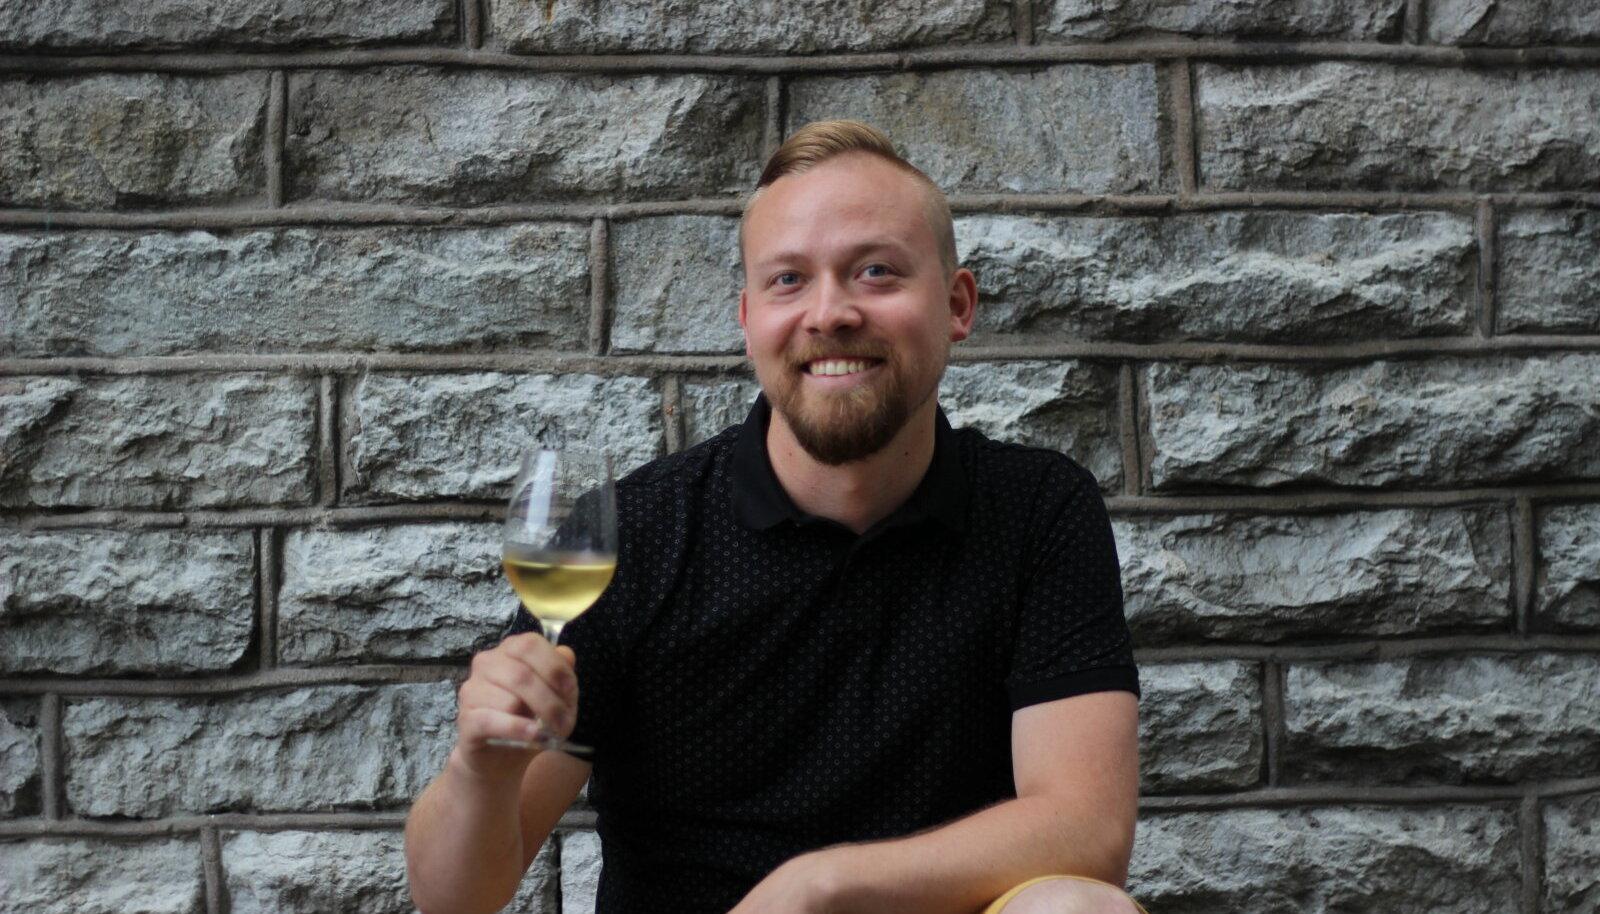 Chardonnay viinamarja tutvustab joogisaate stuudios Eesti Sommeljeede Assotsiatsiooni sommeljee, veinibaari POP üks eestvedaja Mikk Parre.